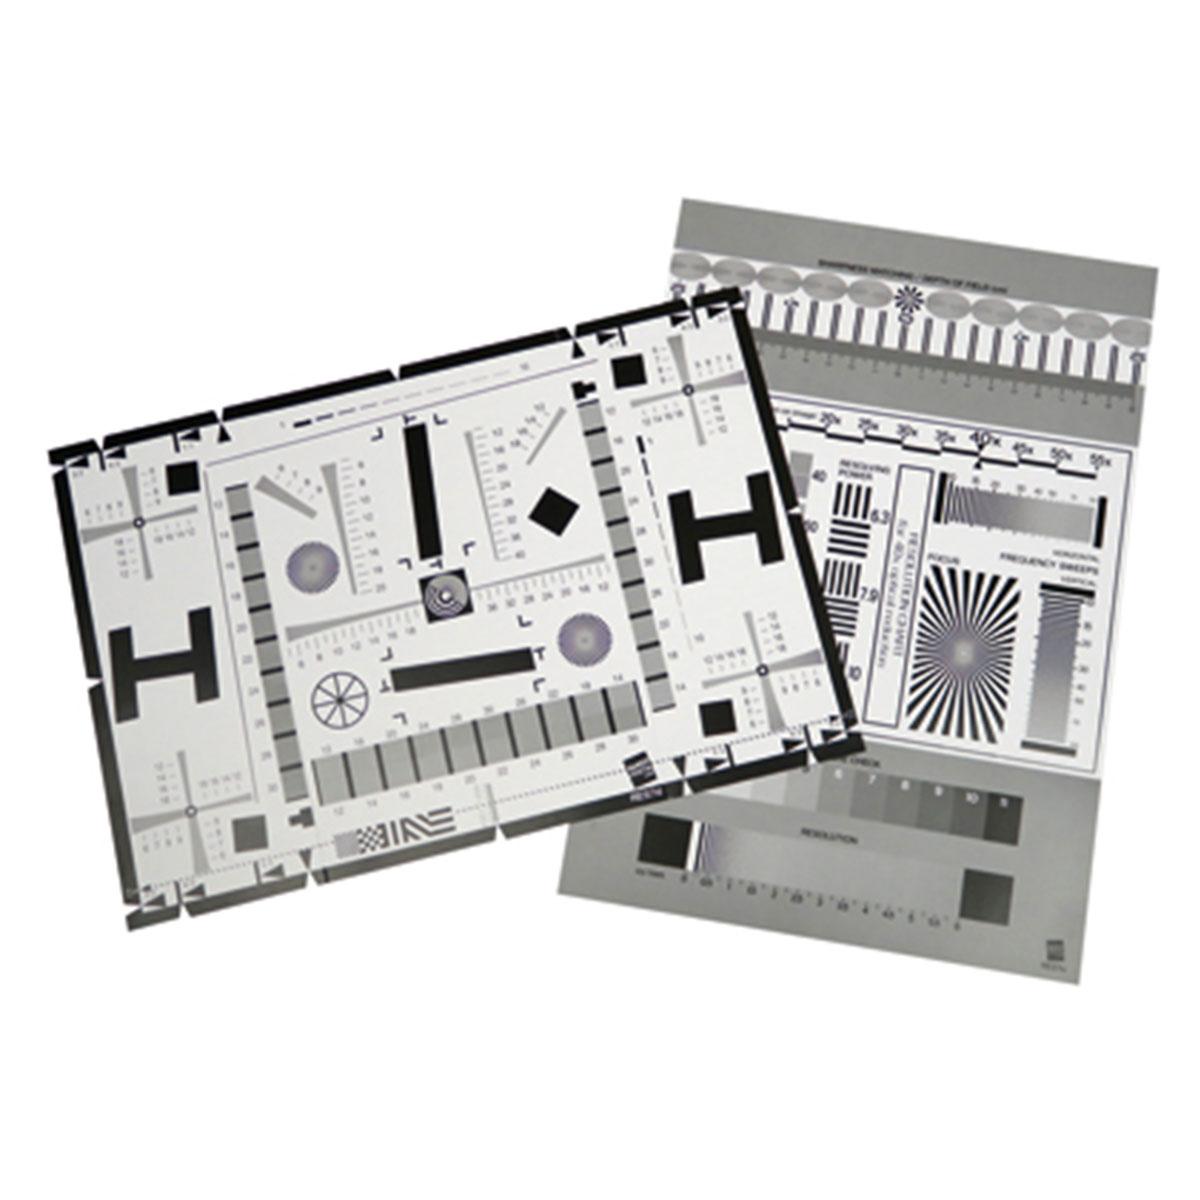 B.I.G. RES7 Testtafel für Kameras und Objektive